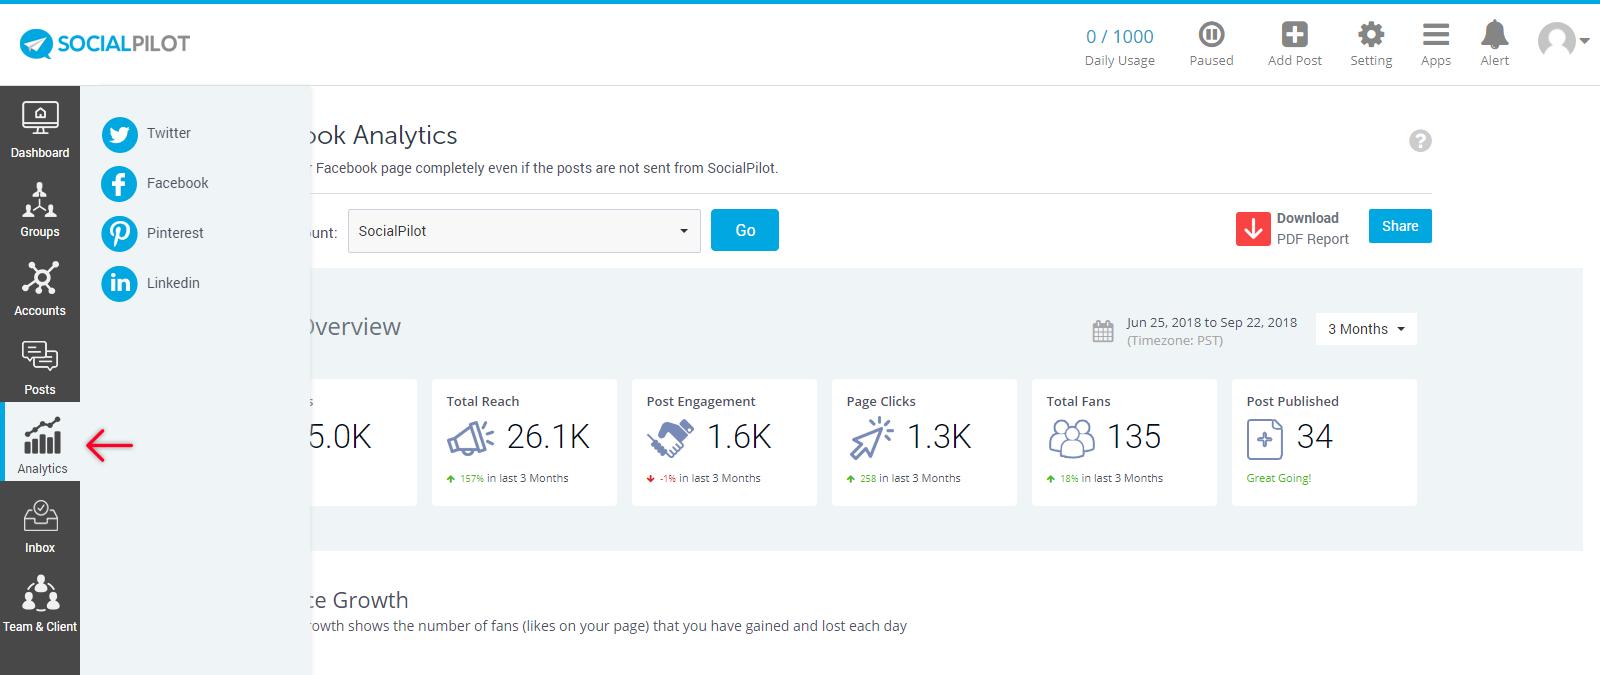 Getting Started with SocialPilot - SocialPilot Help